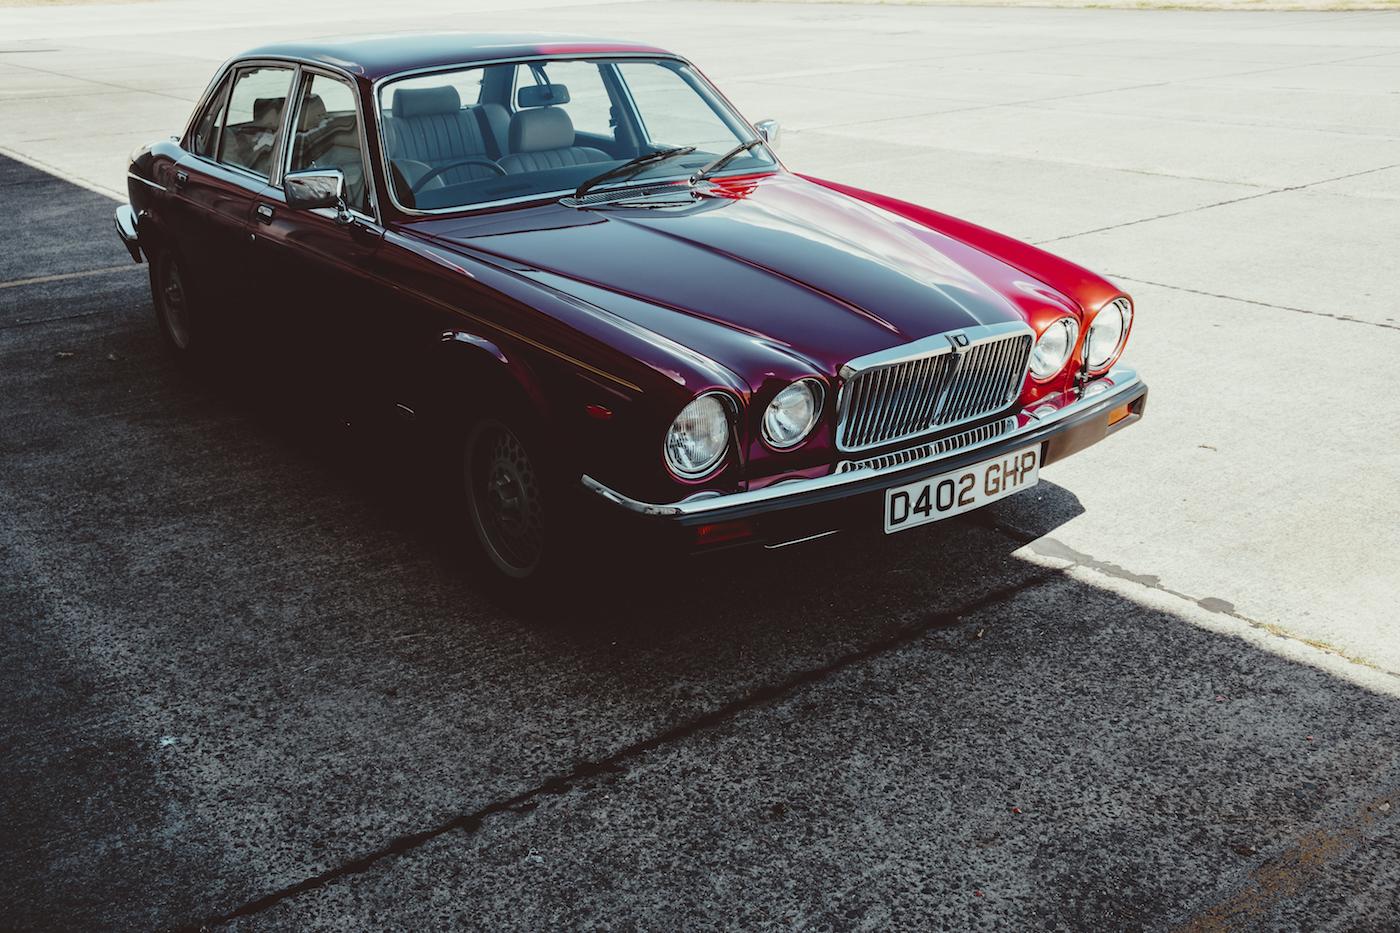 Königlich ausgestattet: 50 Jahre Jaguar XJ 14